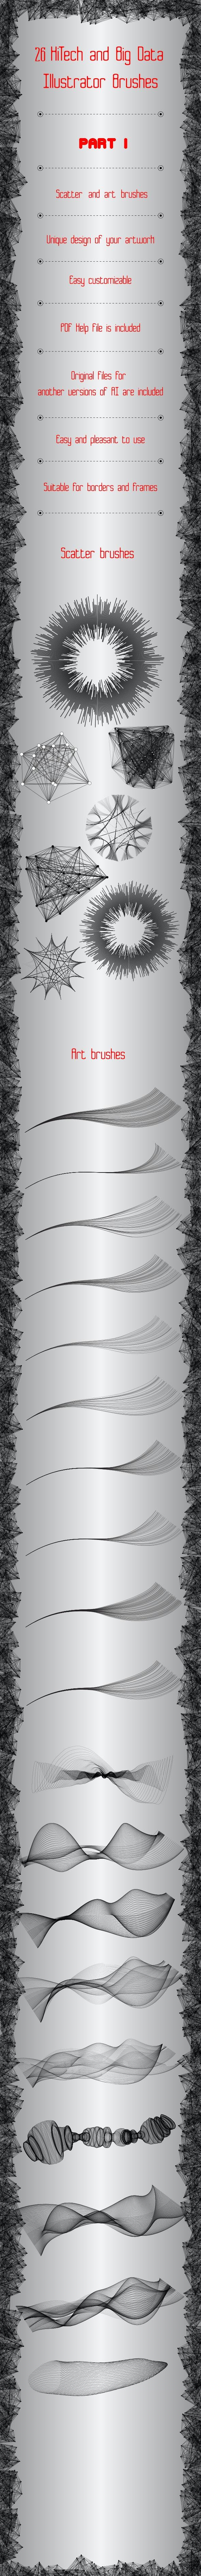 26 HiTech and Big Data Brushes - Technology Illustrator Brushes - Part 1 - Techno / Futuristic Brushes